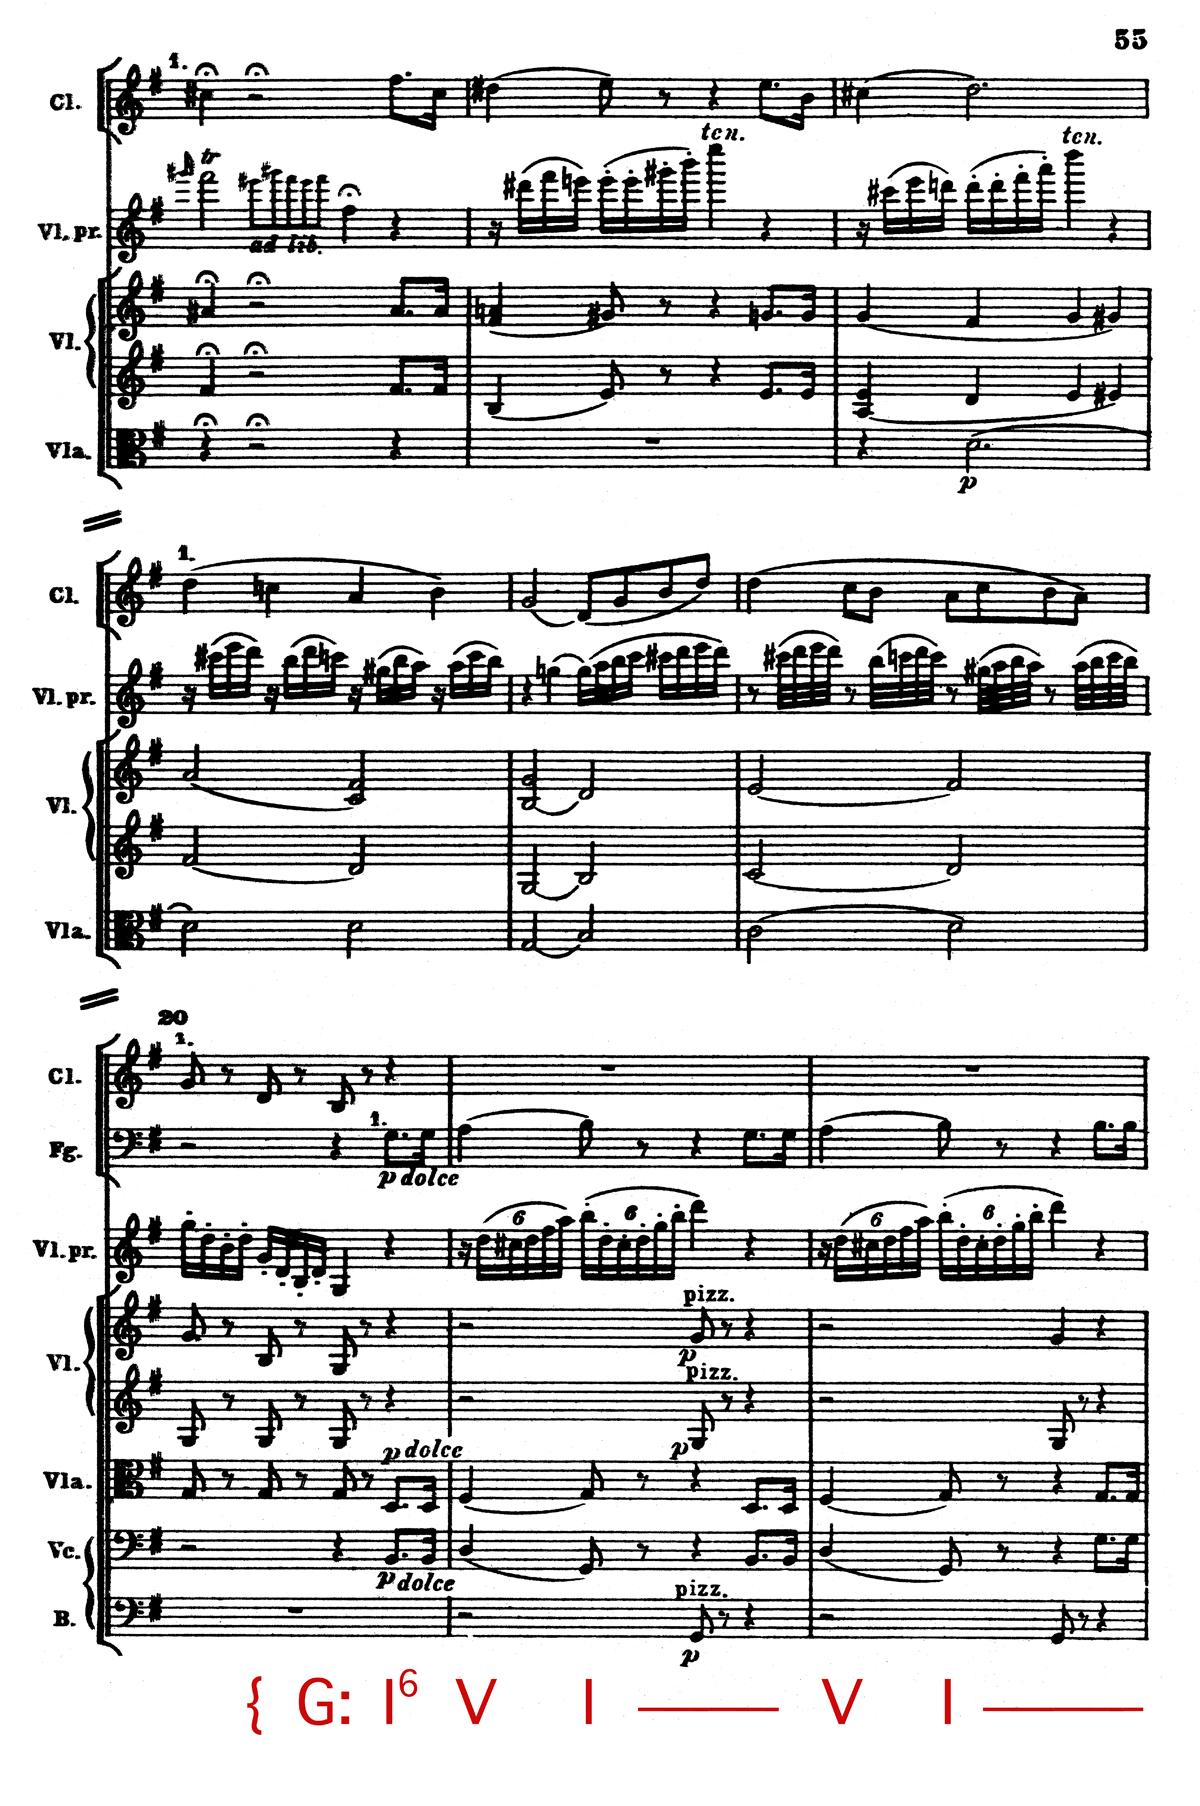 Beethoven_Violin_Theory_1.jpg